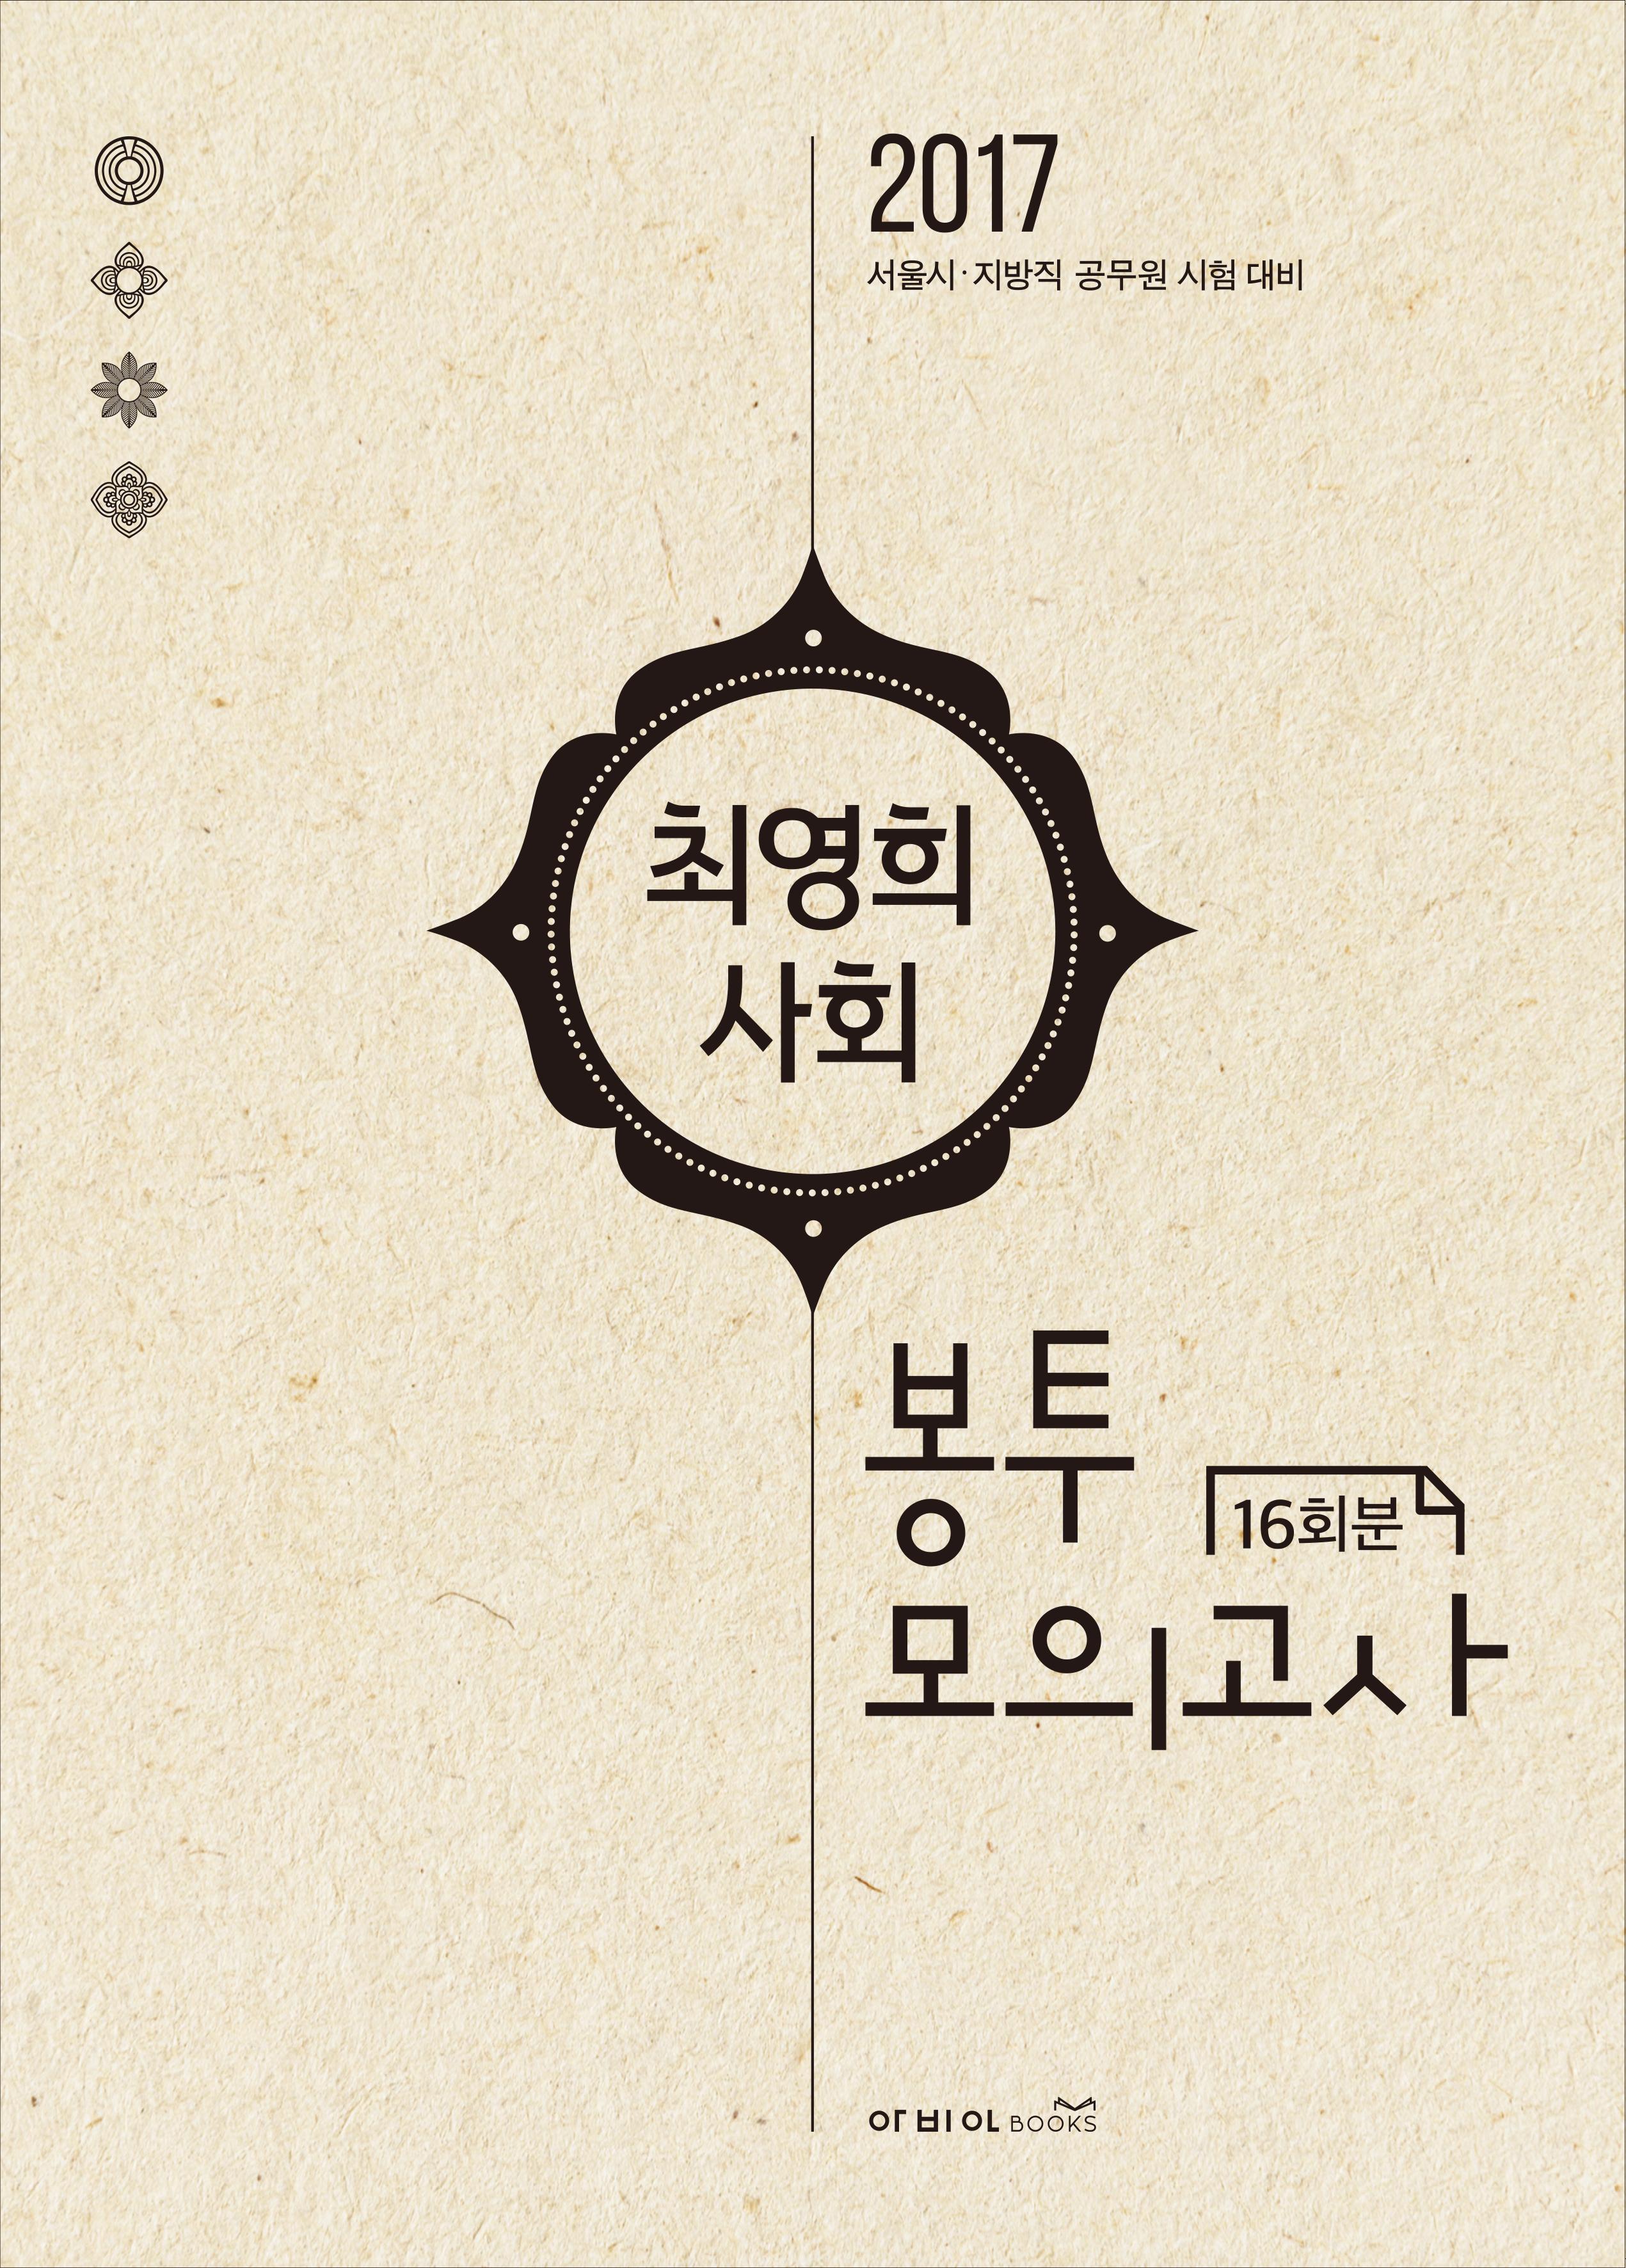 2017 최영희 사회 봉투모의고사